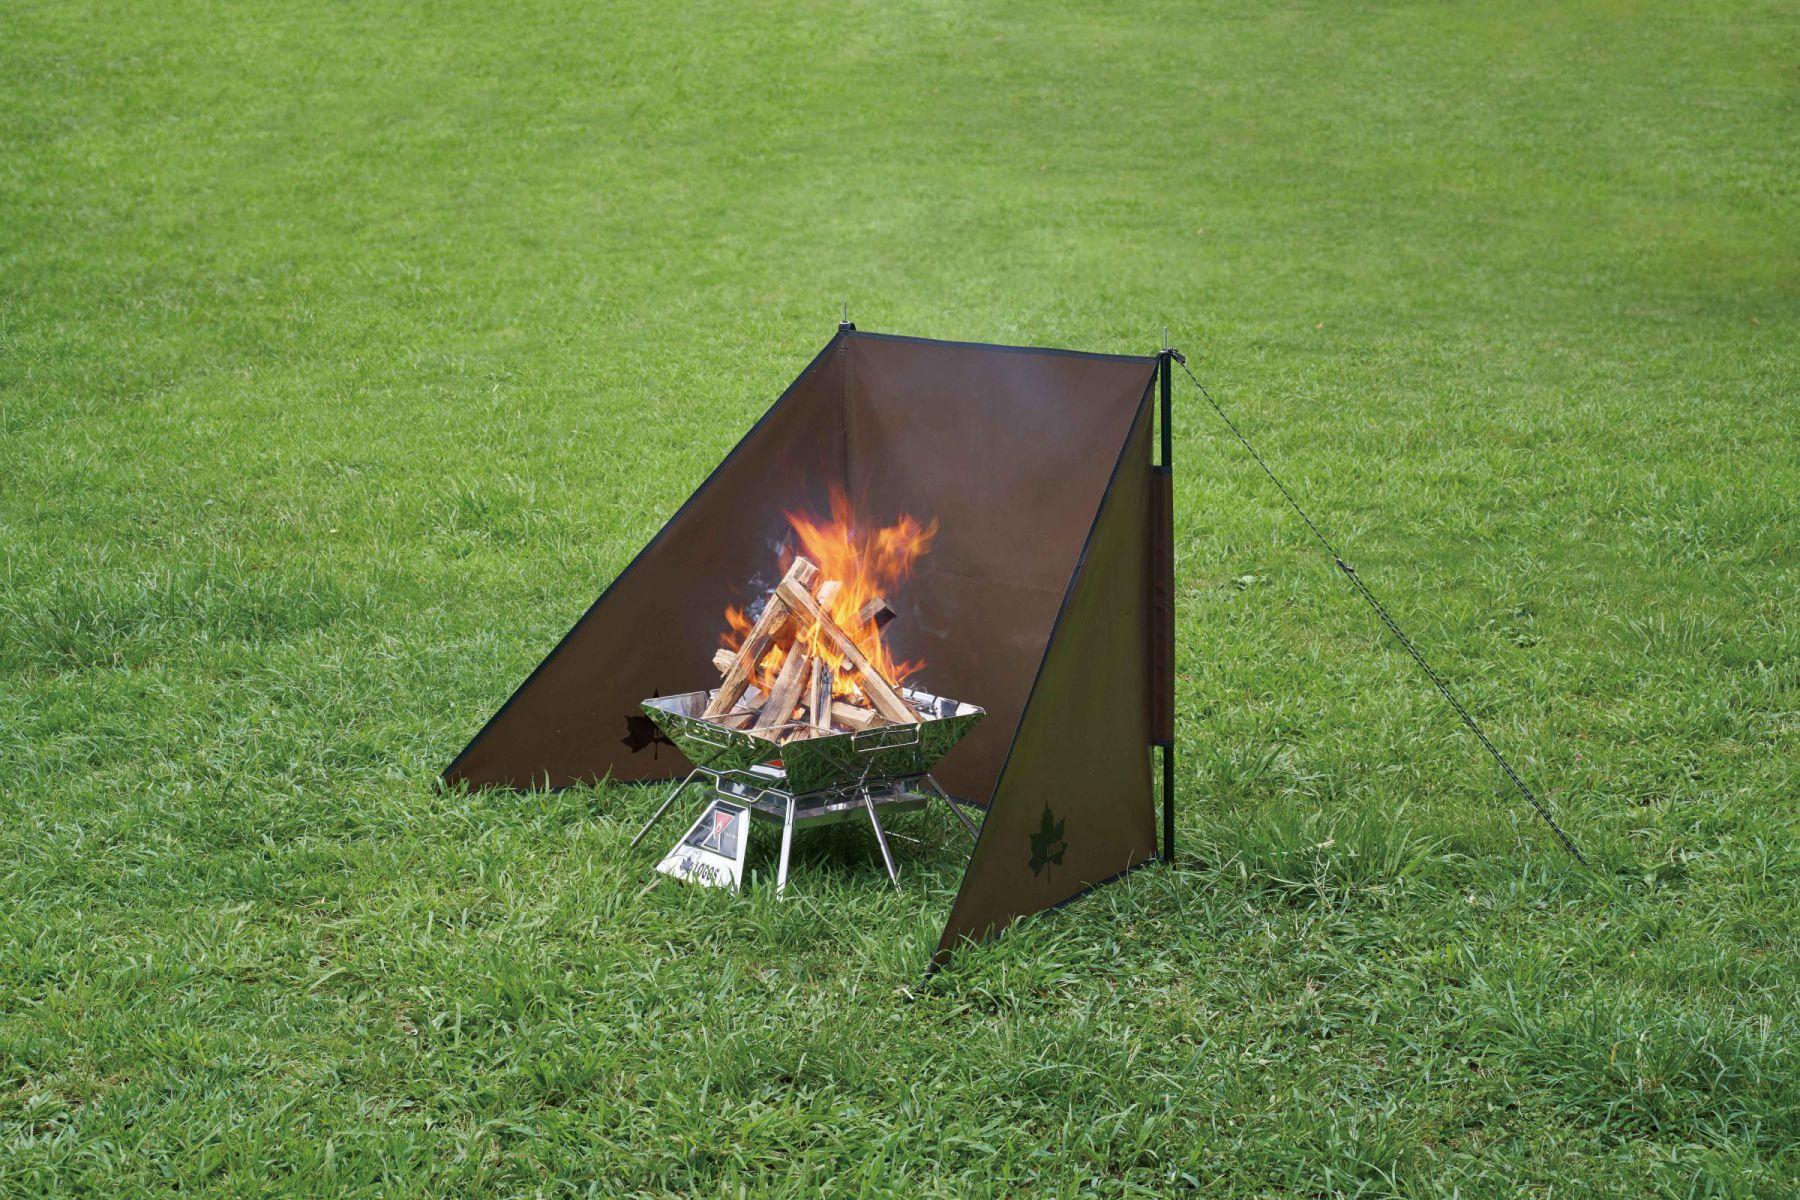 風から焚き火の炎を守り、周りを火の粉から守ります